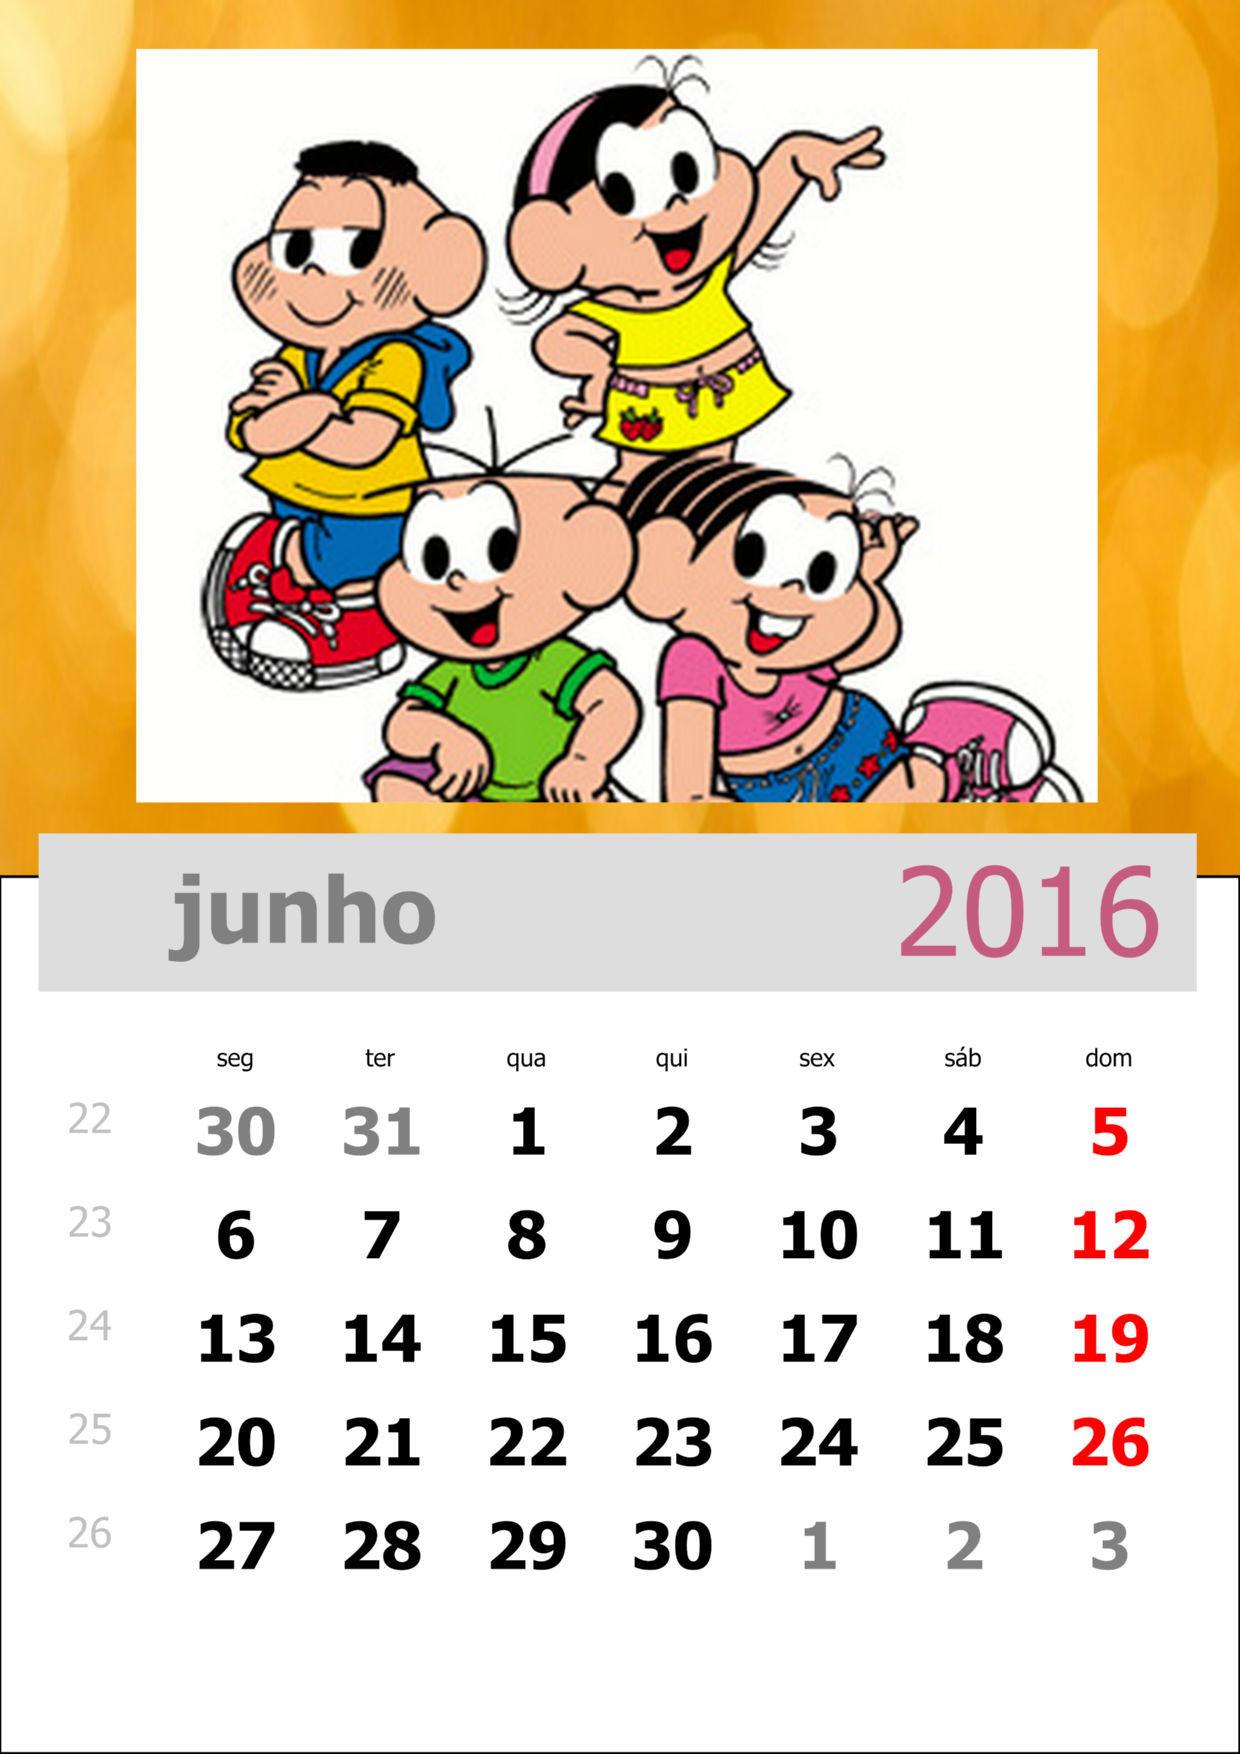 Calendário da Turma da Mônica 2016 - Mês de junho